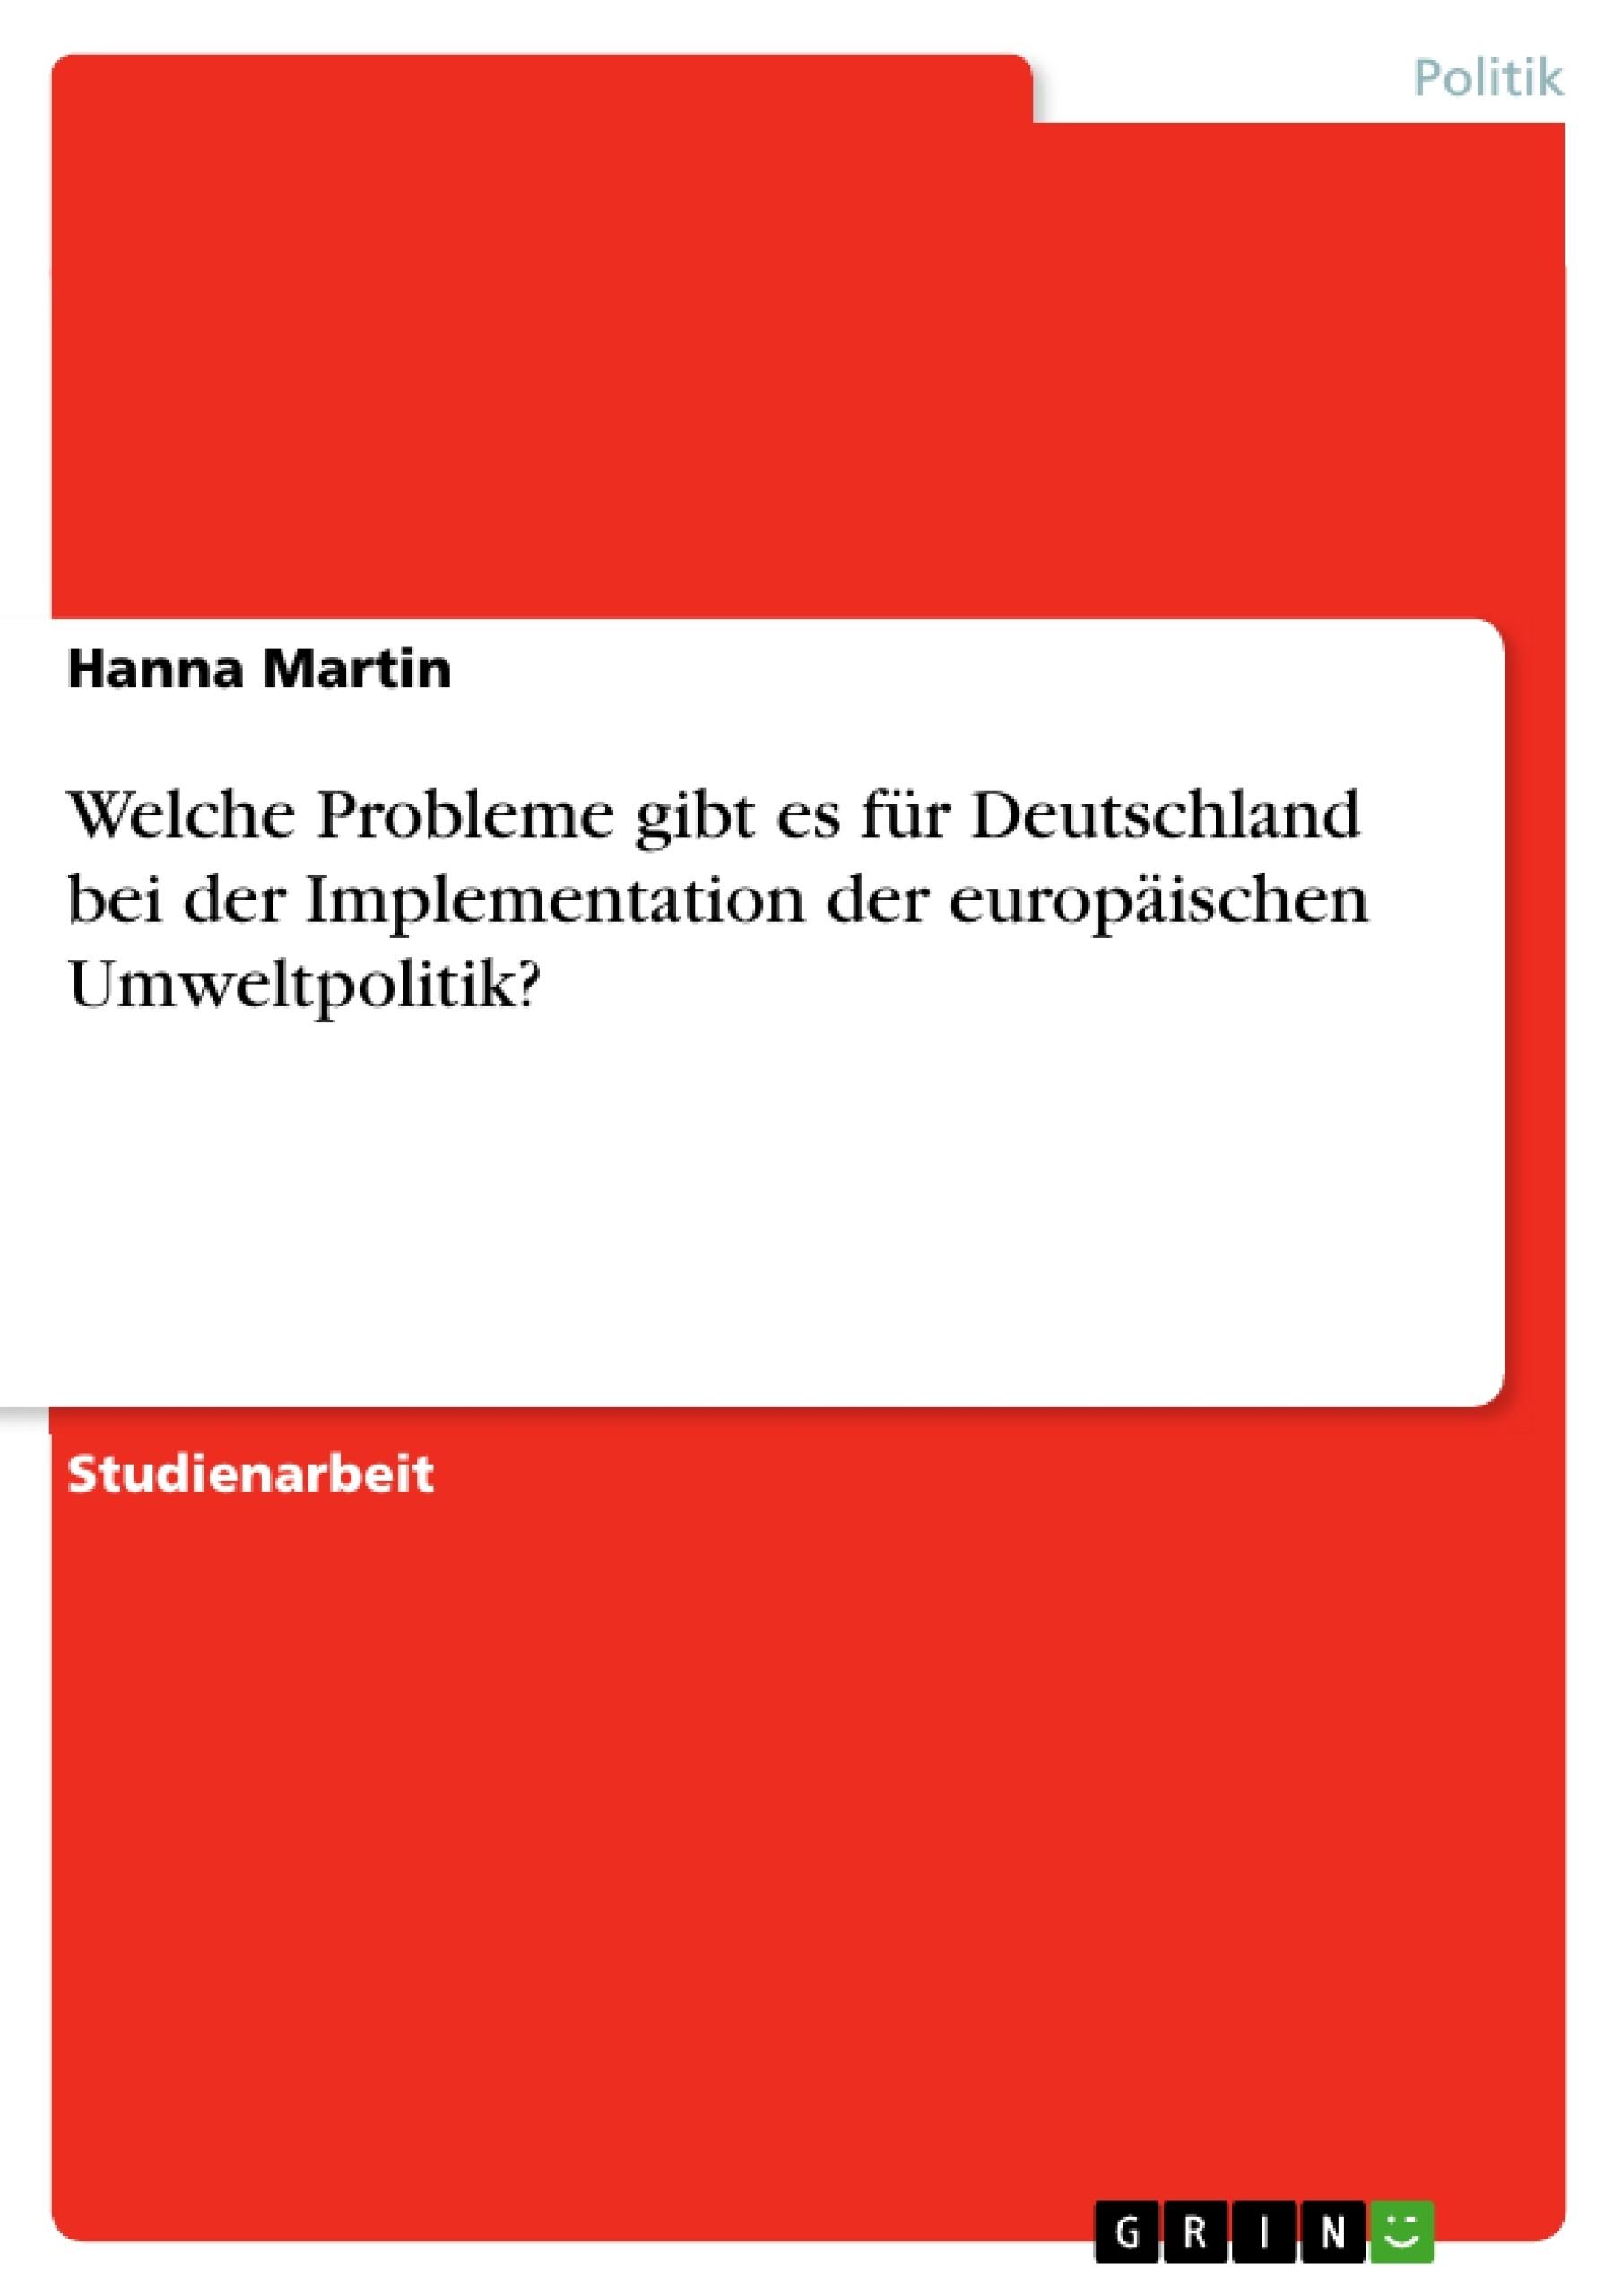 Titel: Welche Probleme gibt es für Deutschland bei der Implementation der europäischen Umweltpolitik?